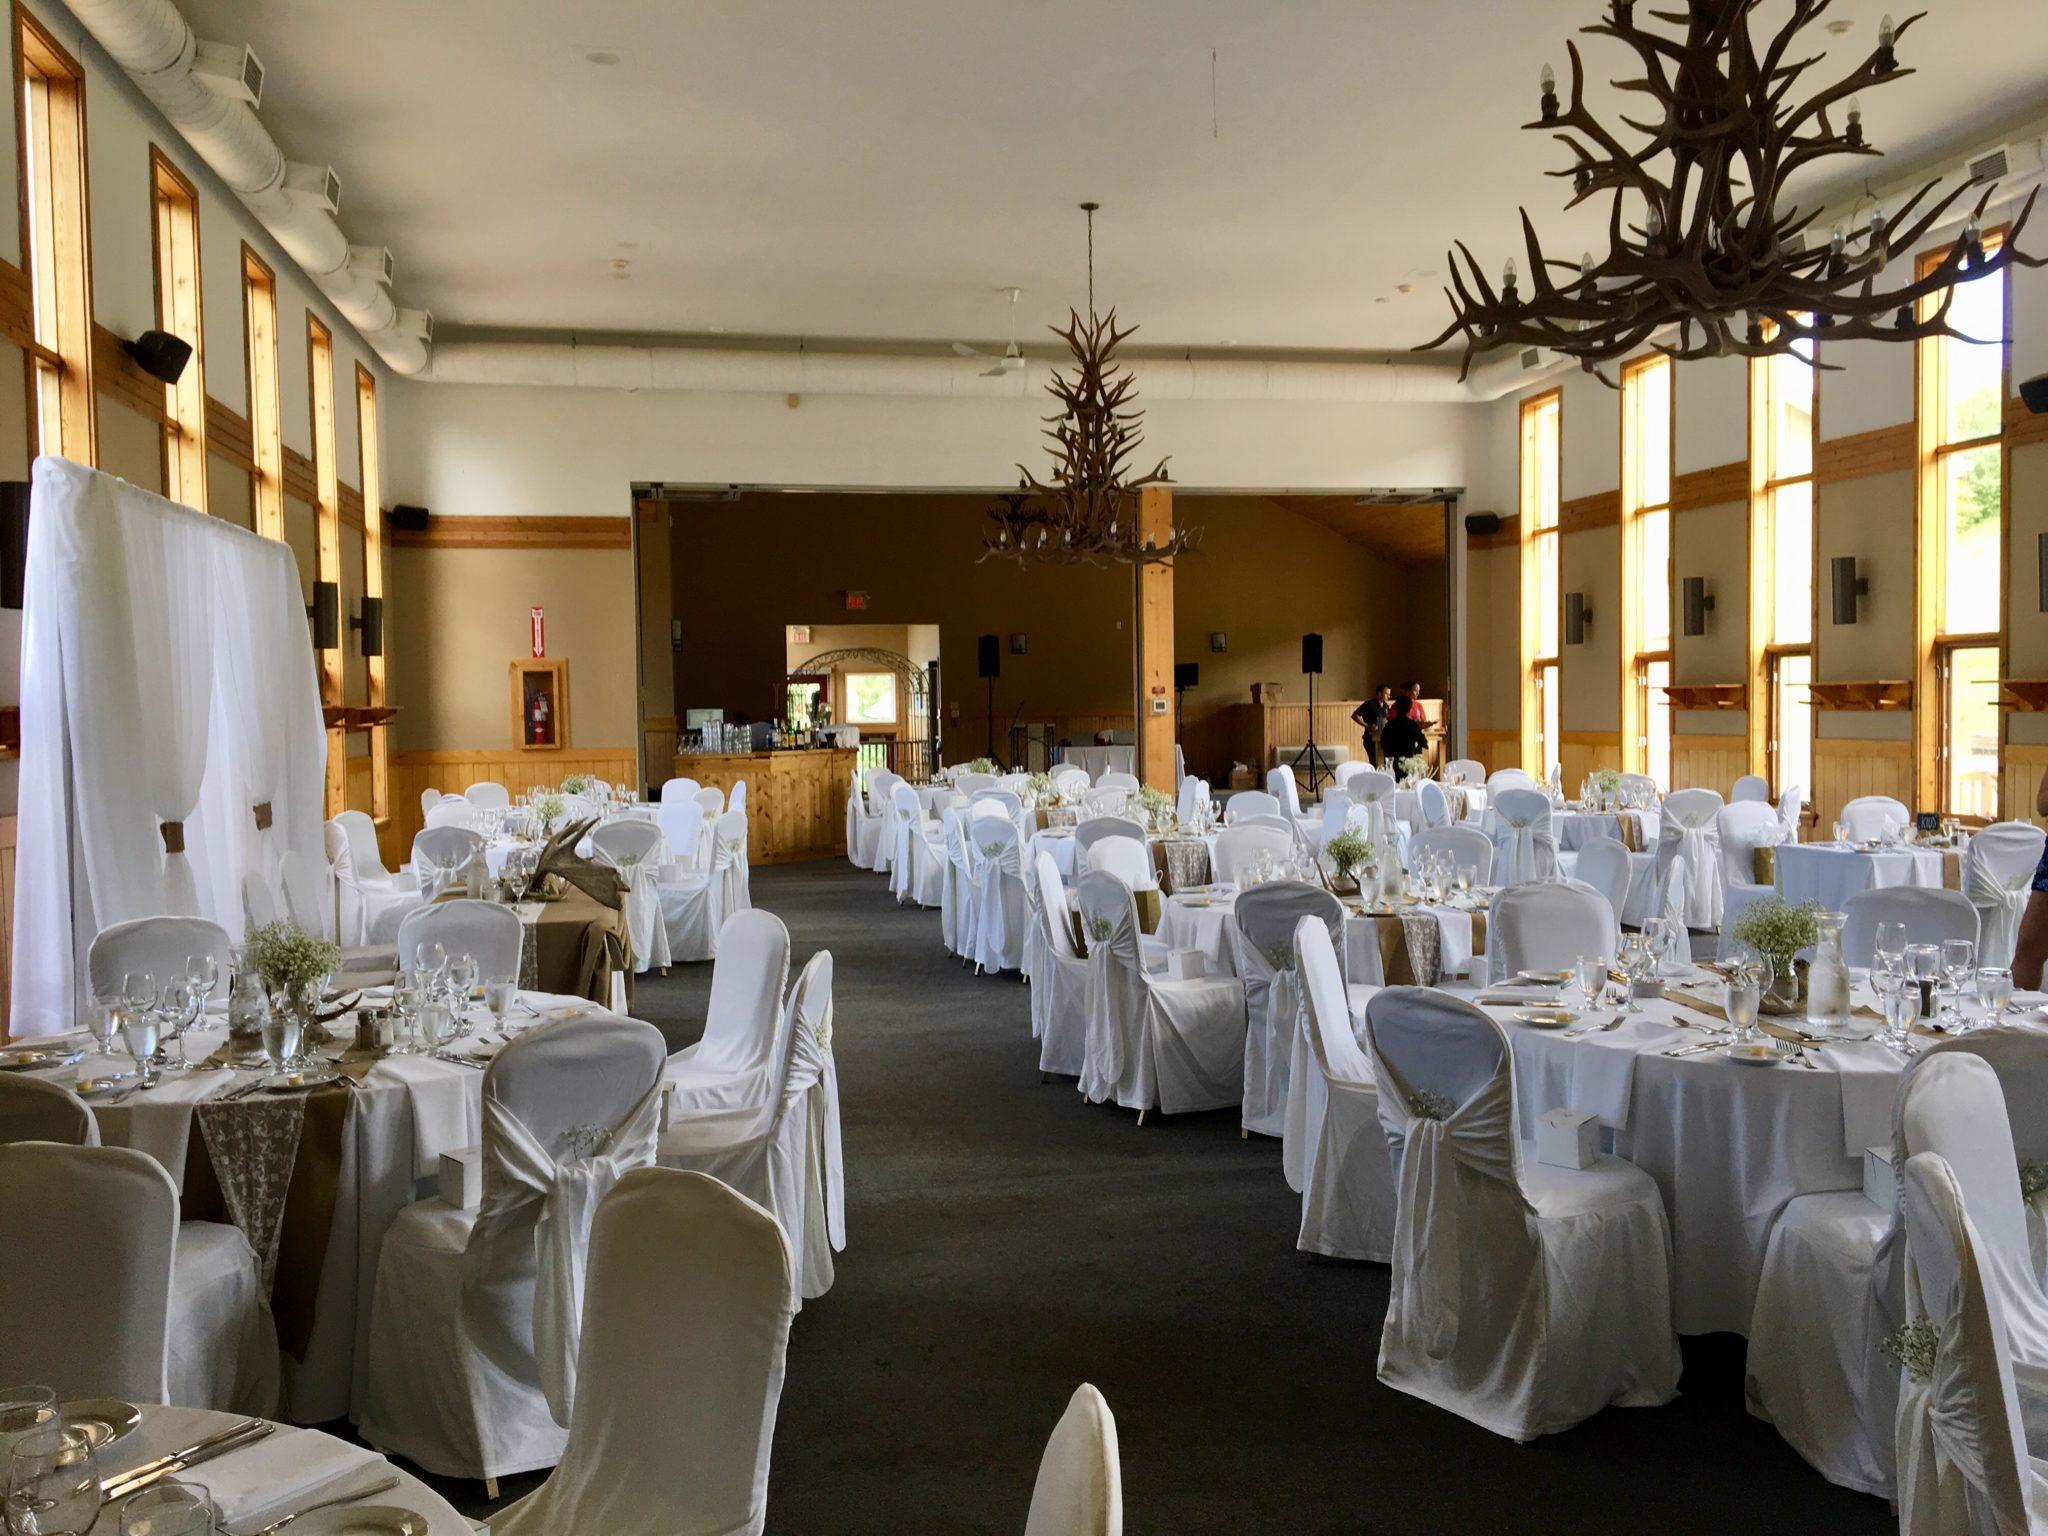 Unique Wedding Venue Ontario - Outdoor Wedding Venue in Ontario - Barn Wedding Venue Ontario - Forest wedding venue ontario